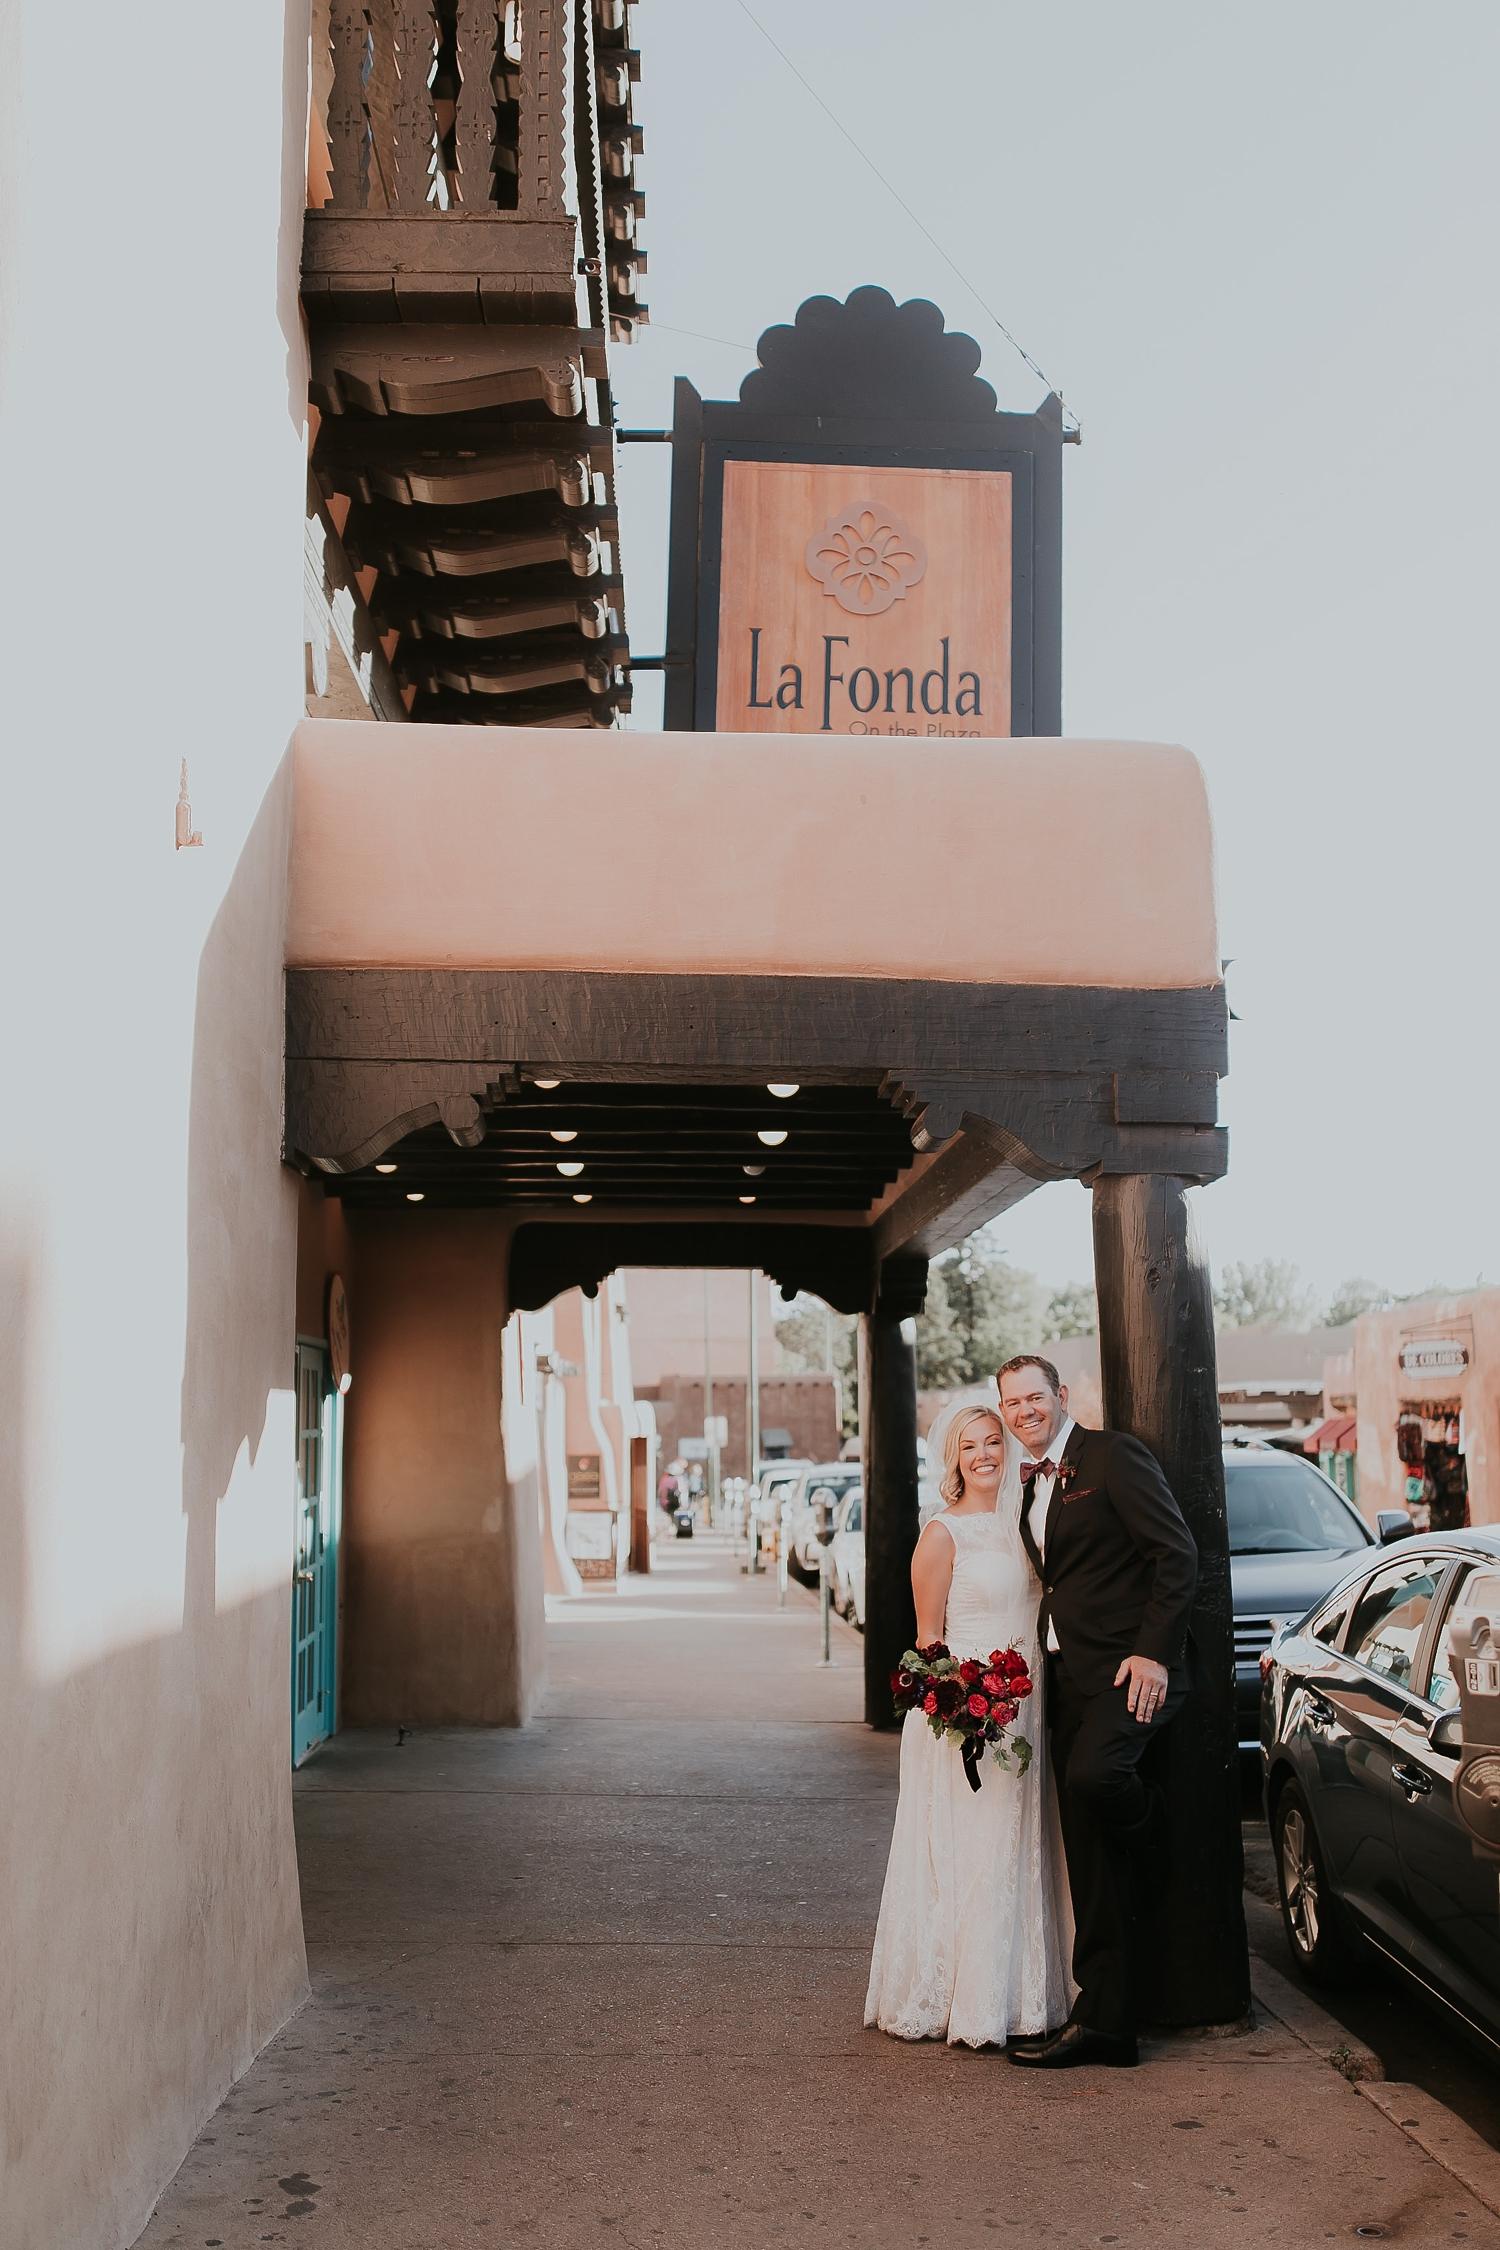 Alicia+lucia+photography+-+albuquerque+wedding+photographer+-+santa+fe+wedding+photography+-+new+mexico+wedding+photographer+-+la+fonda+wedding+-+la+fonda+fall+wedding+-+intimate+la+fonda+wedding_0039.jpg